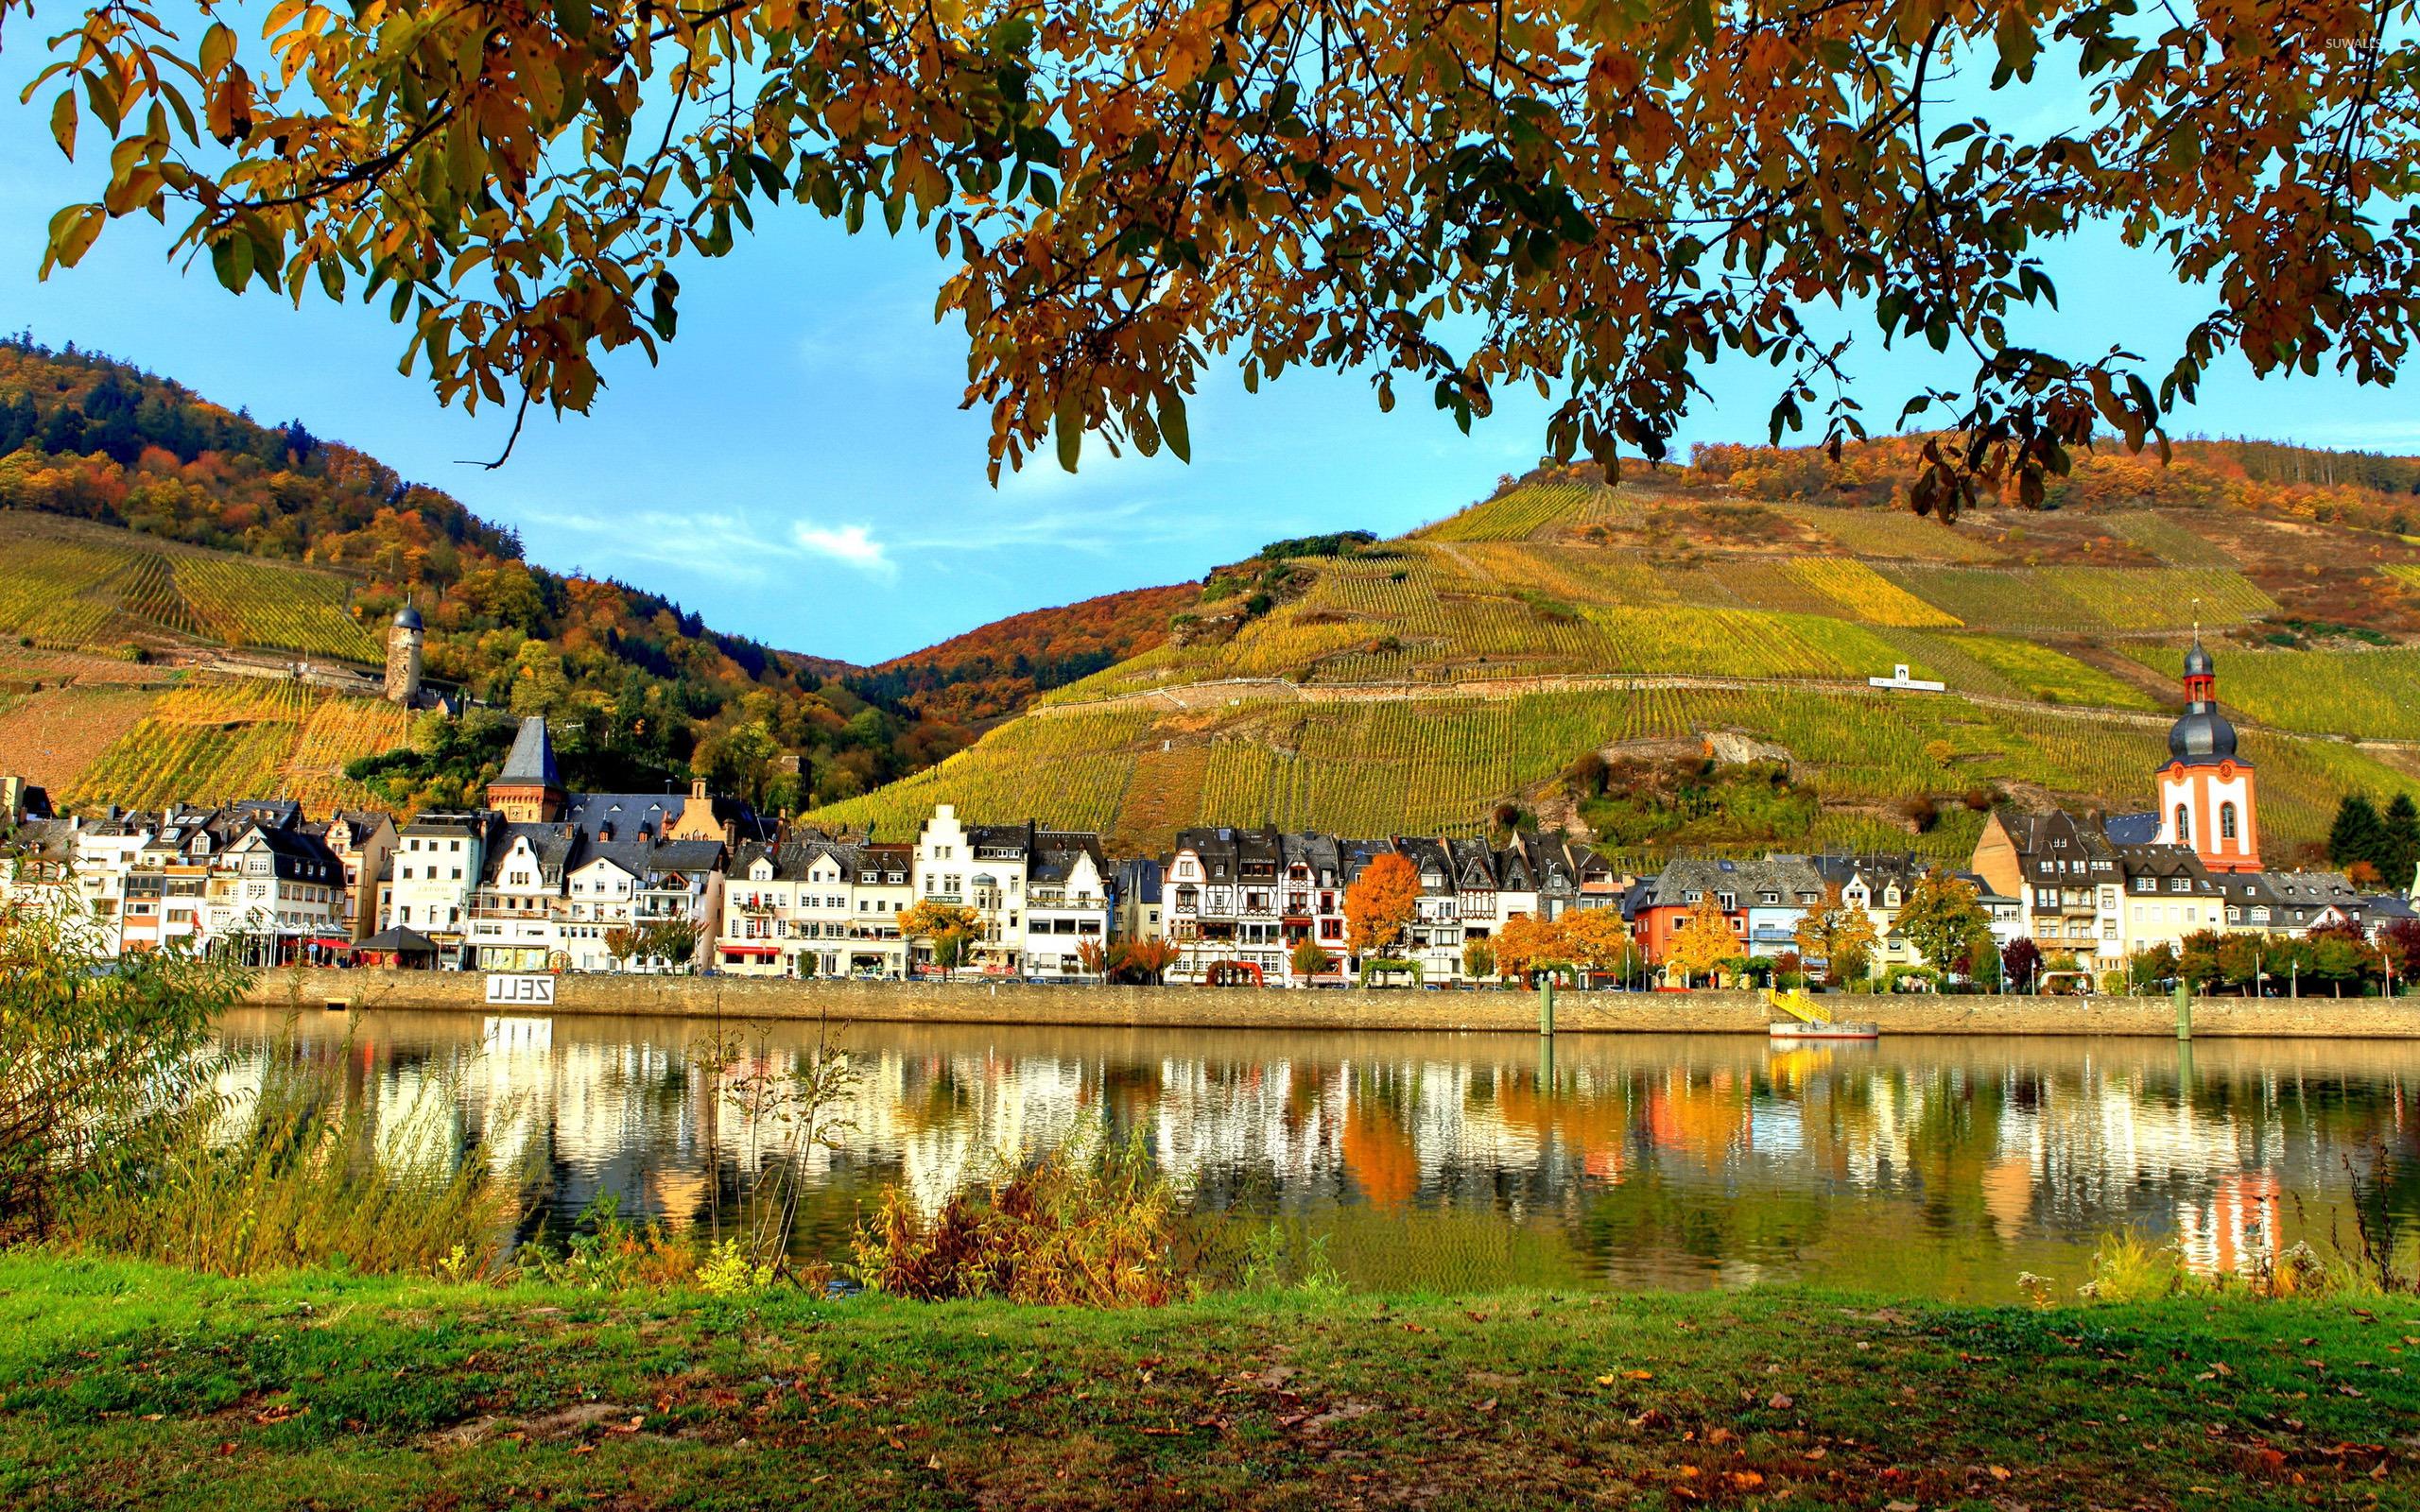 Fall Flowers Wallpaper Desktop Peaceful Town Wallpaper World Wallpapers 35590